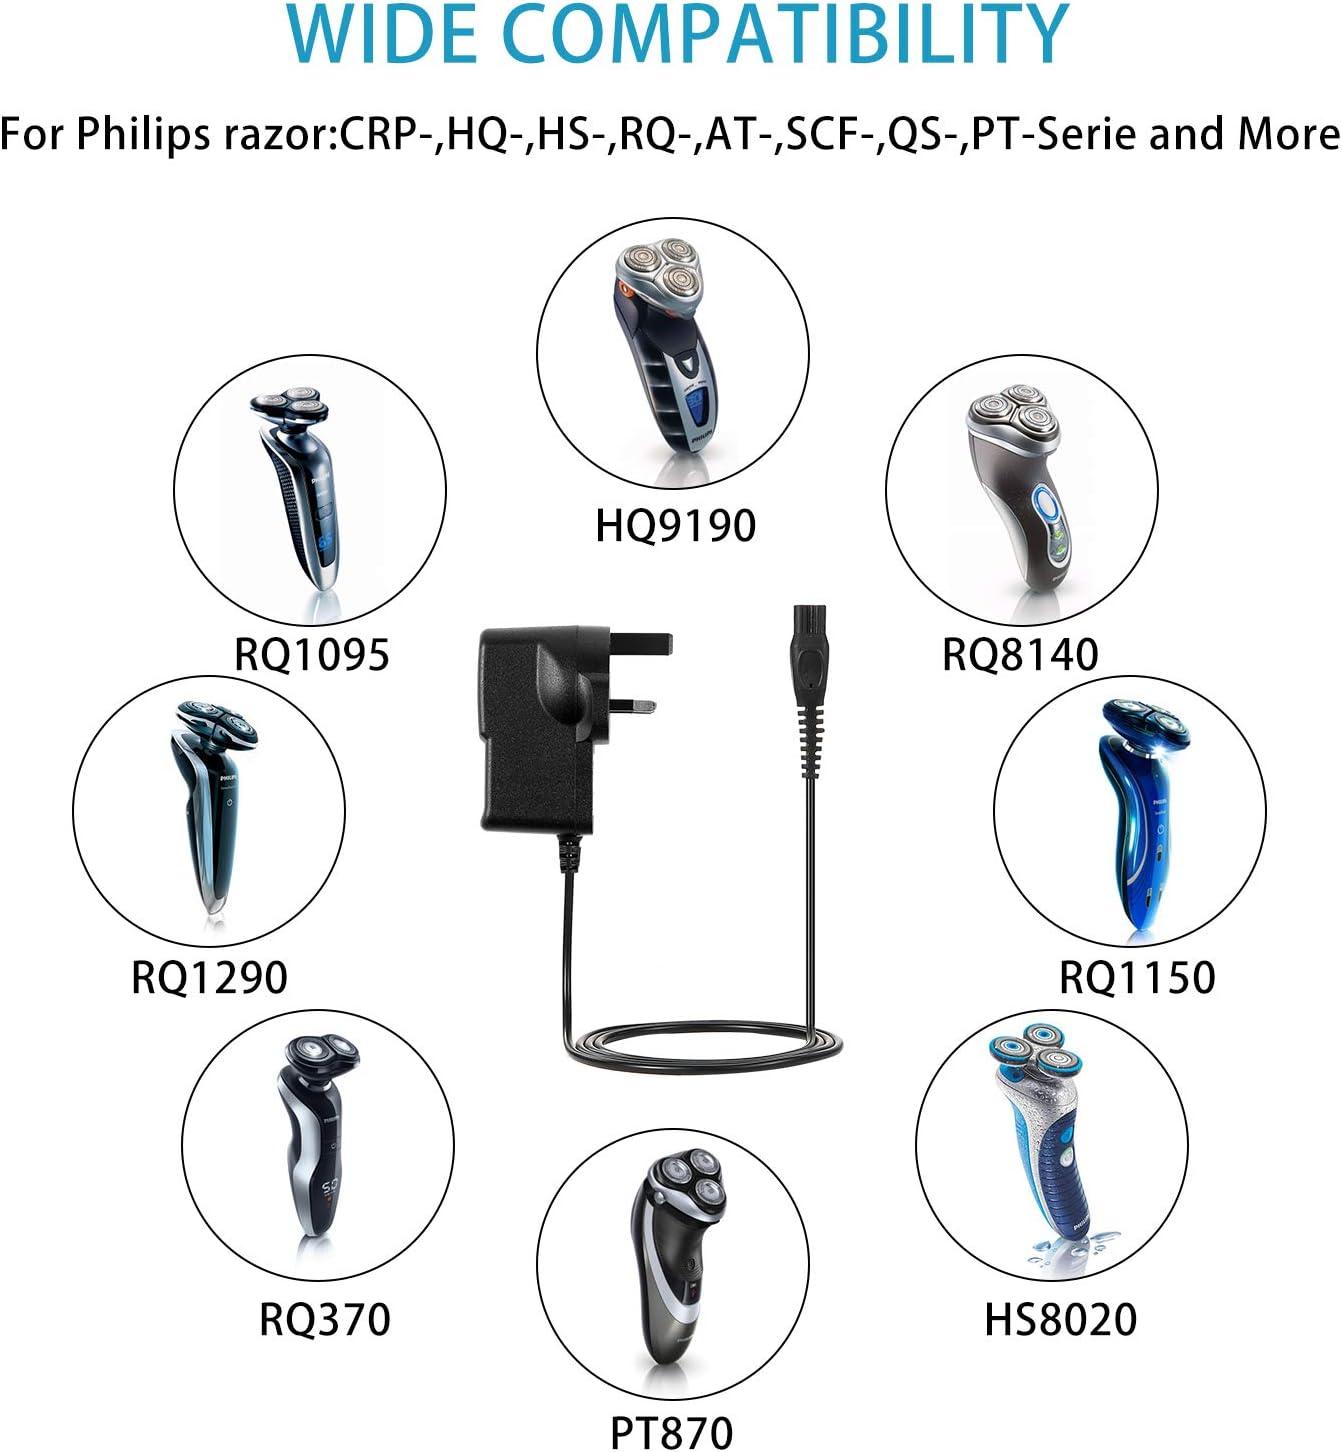 15 V Adaptador de Repuesto de Cargador de Afeitadora Compatible con Afeitadora Philips Norelco HQ8505 Cable de Carga ...